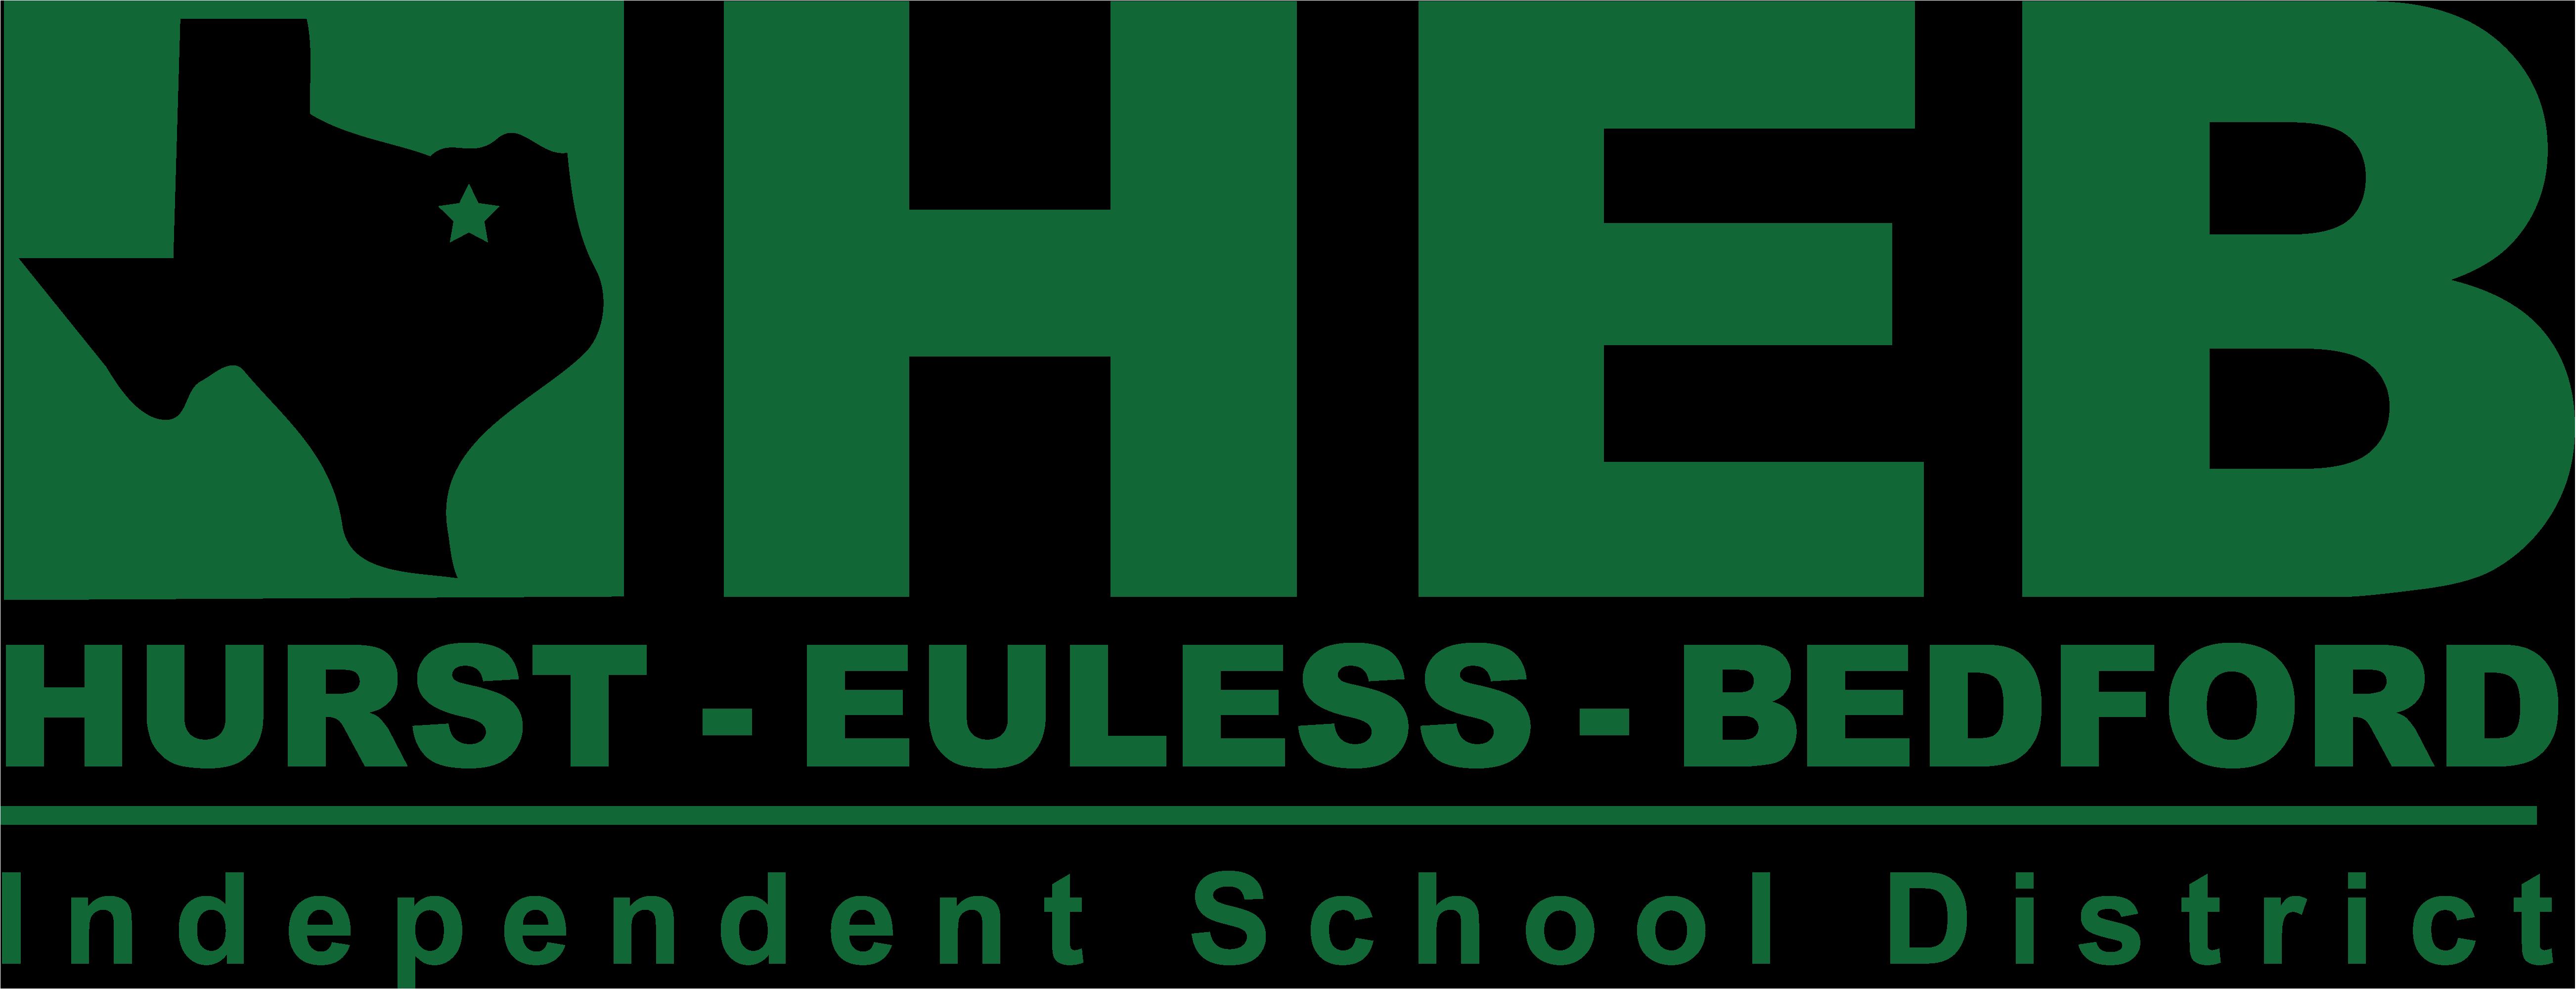 Hurst-Euless-Bedford ISD